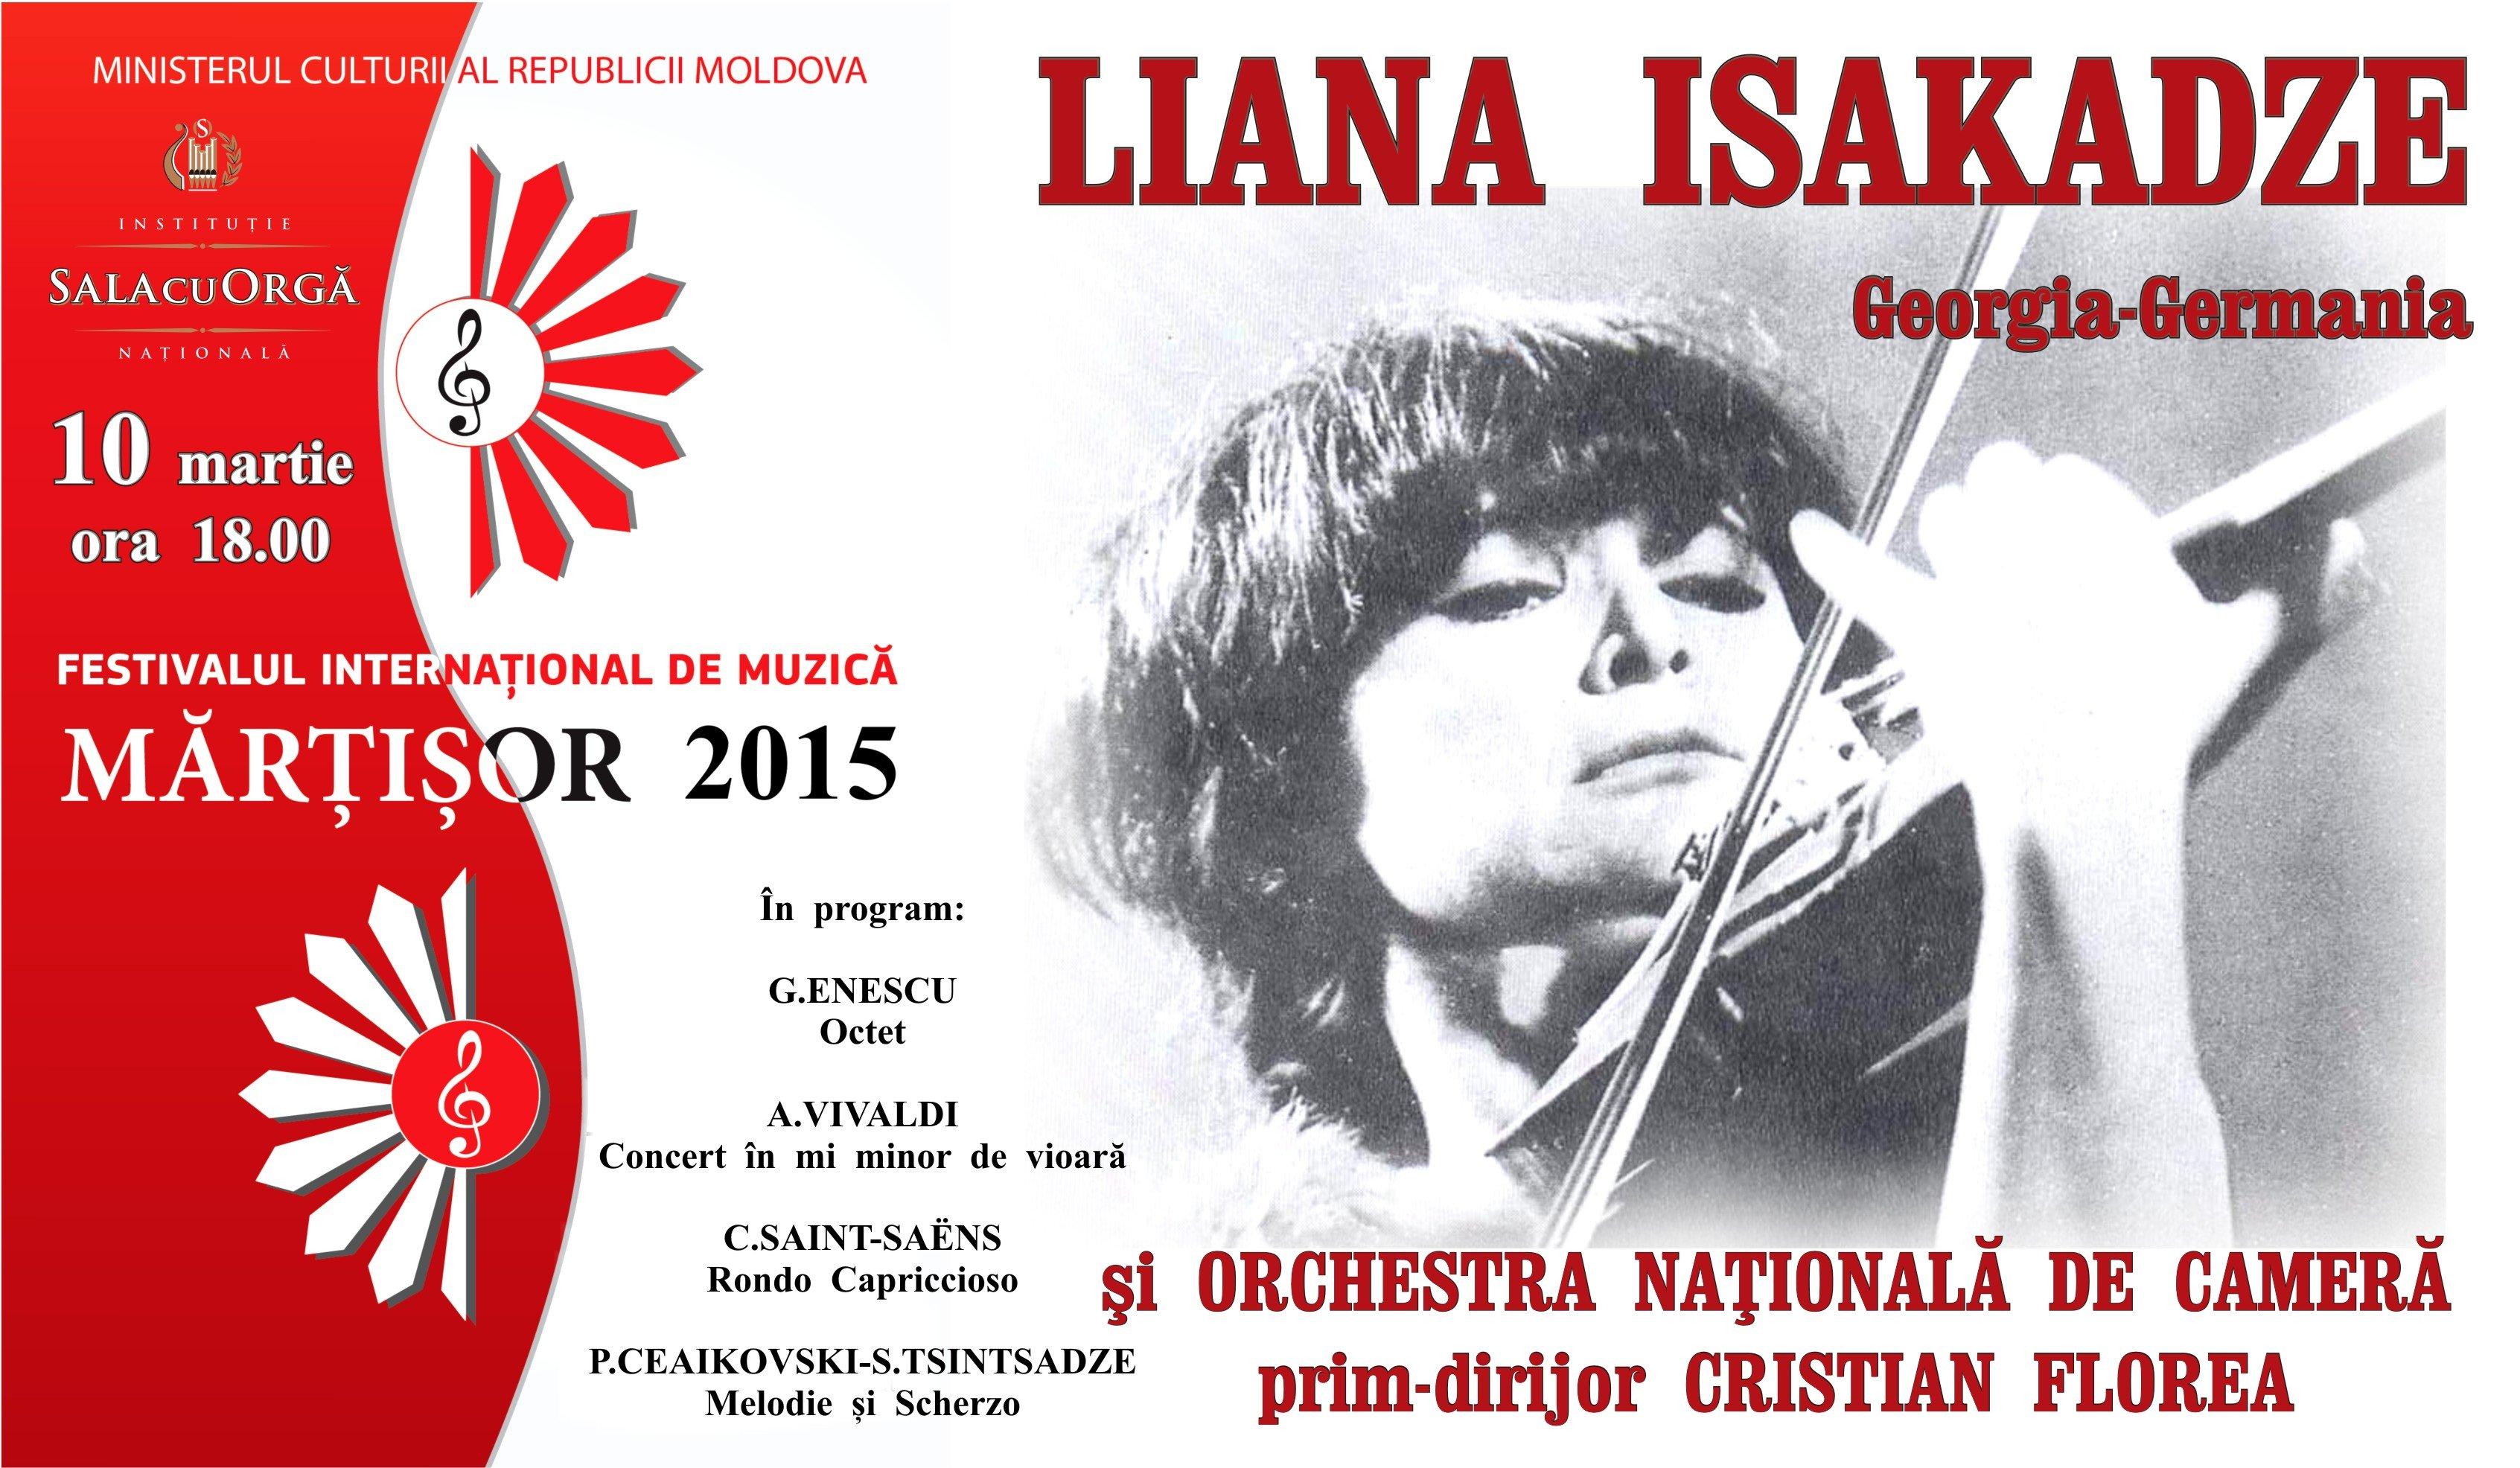 Liana Isakadze